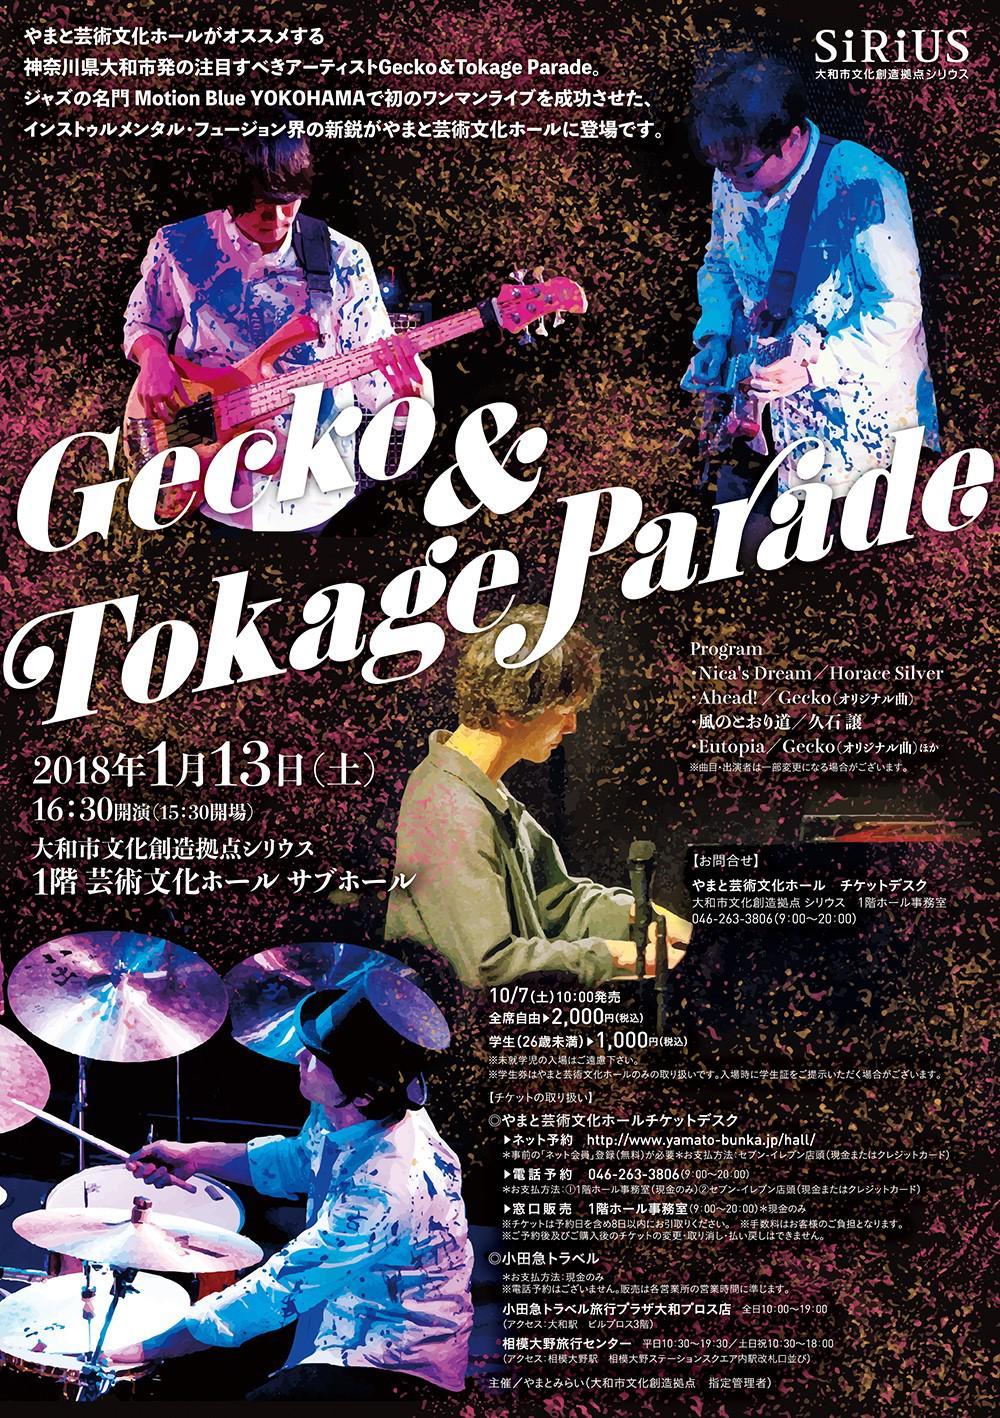 やまと若手アーティストコンサート 「Gecko&Tokage Parade」